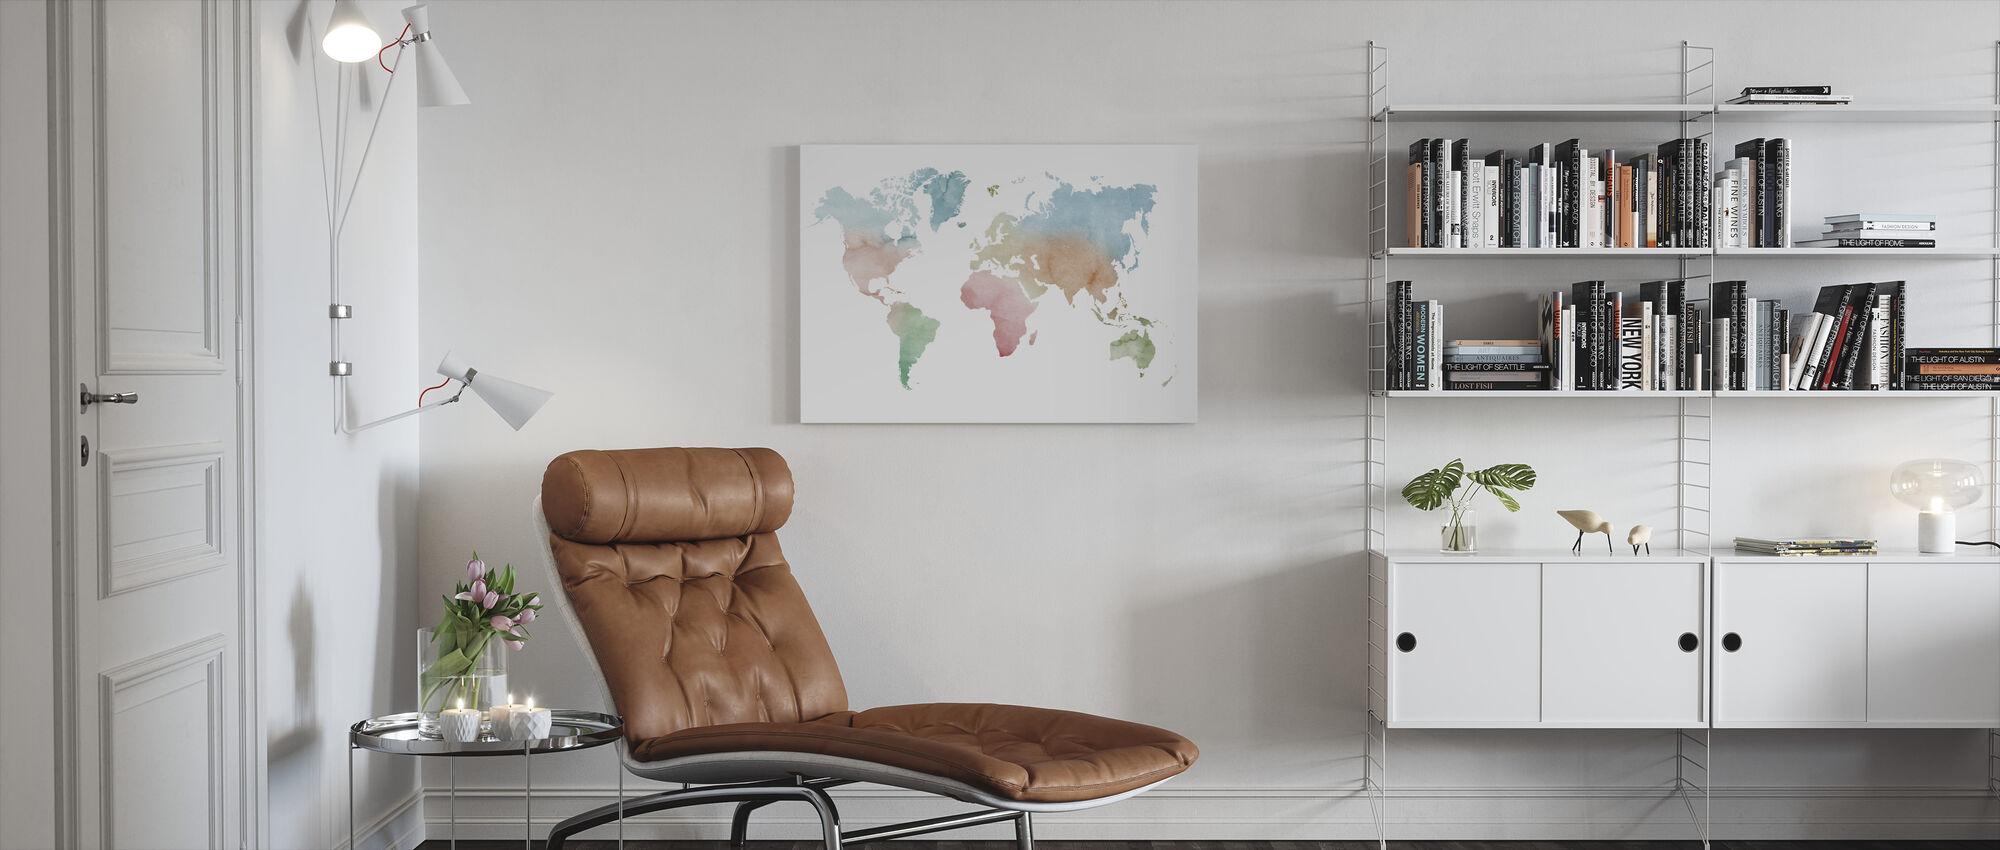 Akvarell verden pastellfarger - Lerretsbilde - Stue